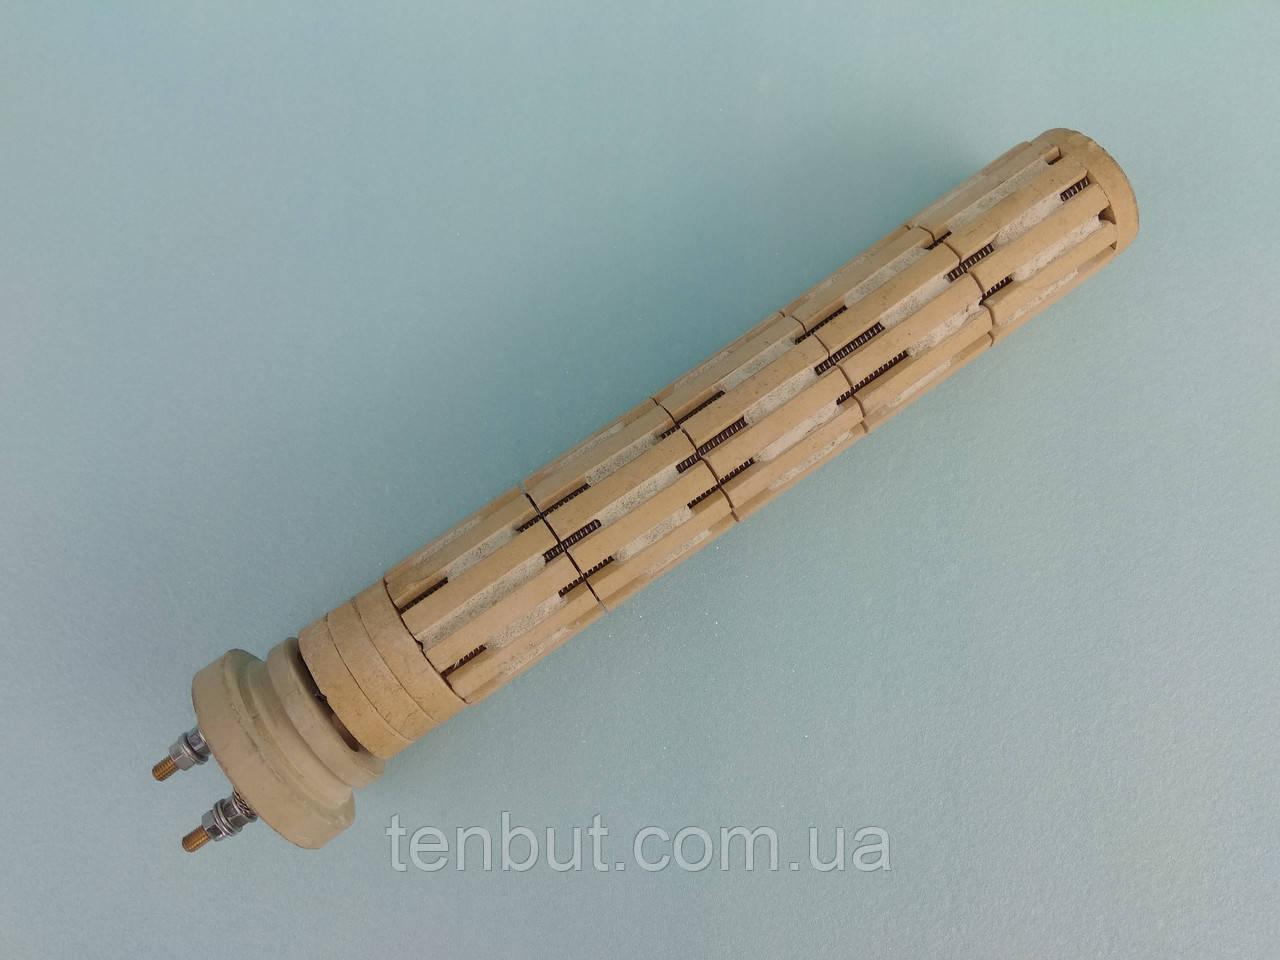 Тэн сухой СТЕАТИТОВЫЙ керамический 1.5 квт. / 230 В. / 290 мм. для бойлеров Thermex Ferroli Atlantic Пр. OASIS